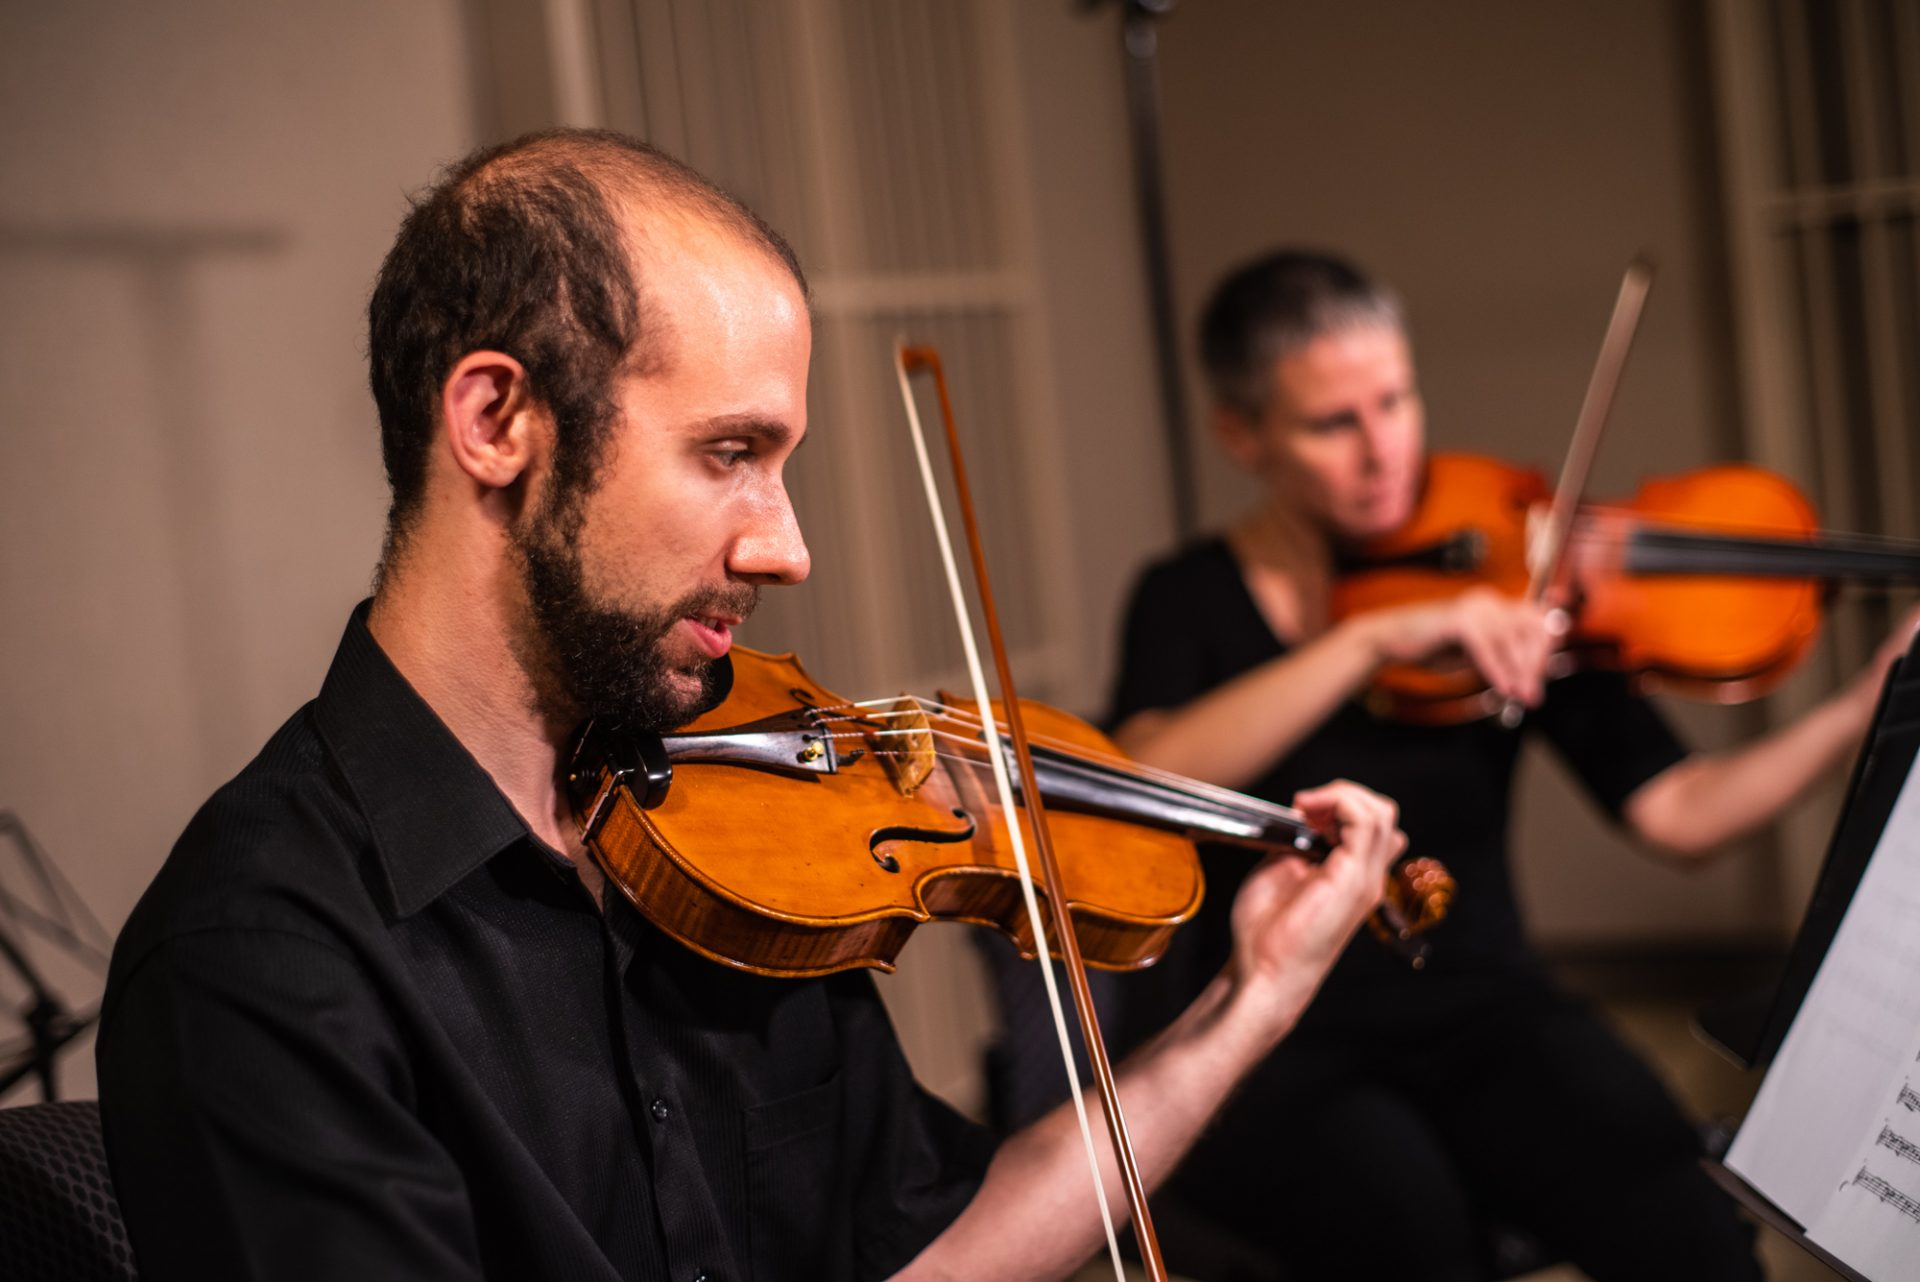 Greg Glessner playing violin